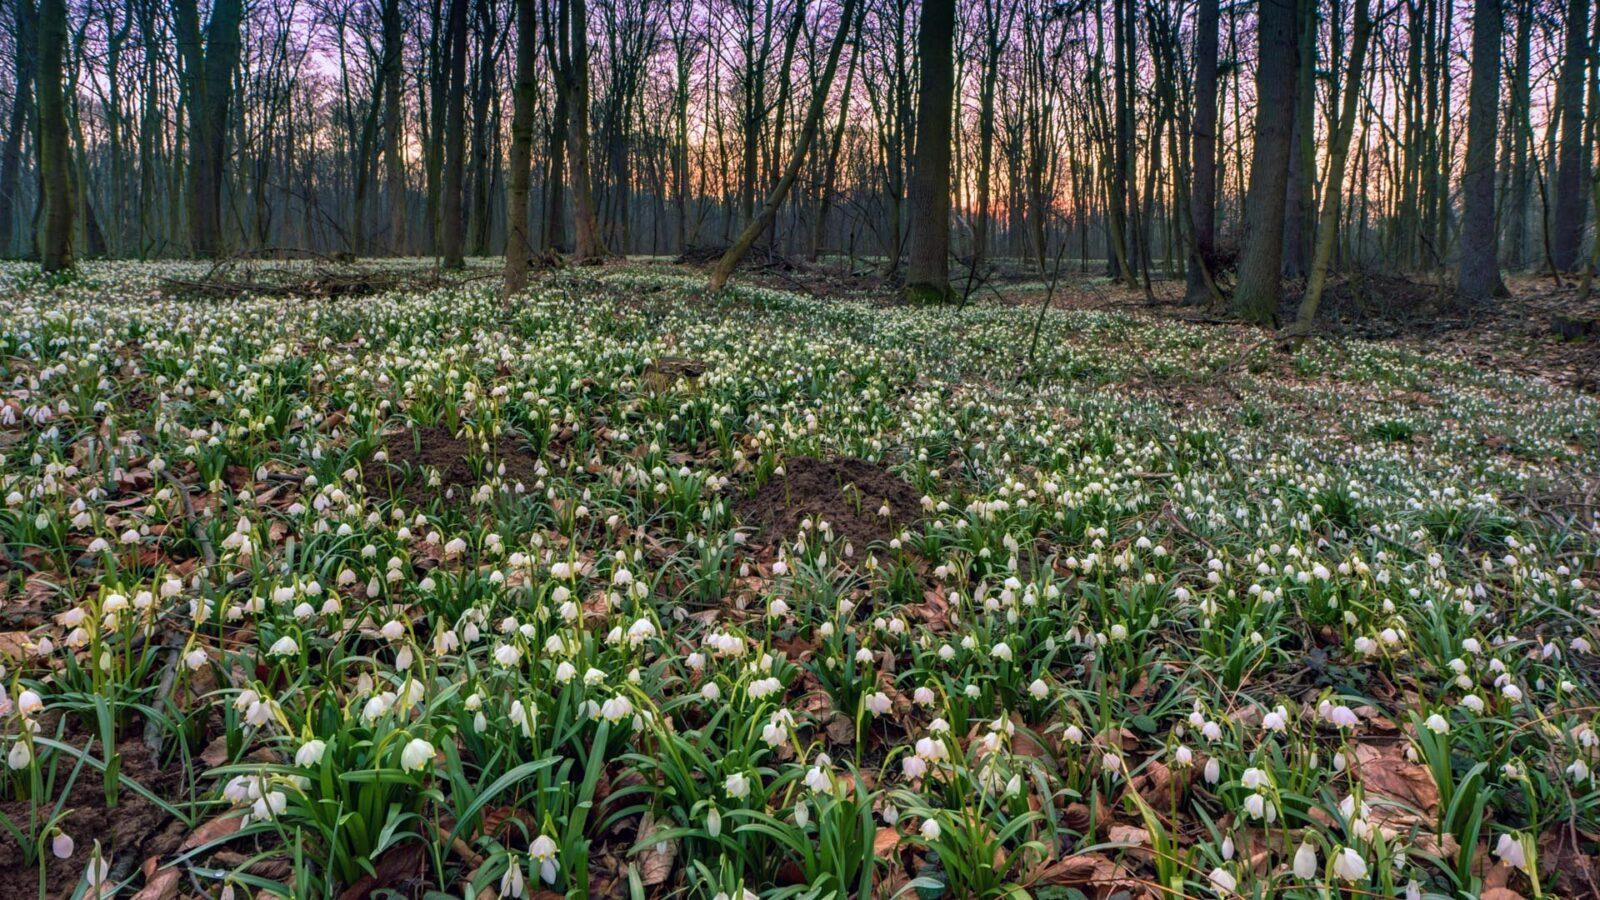 Wiosna wlasach nadStrzegomką. Kwitnąca śnieżyca wiosenna. fot.Krzysztof Romańczukiewicz fotoPort.pl